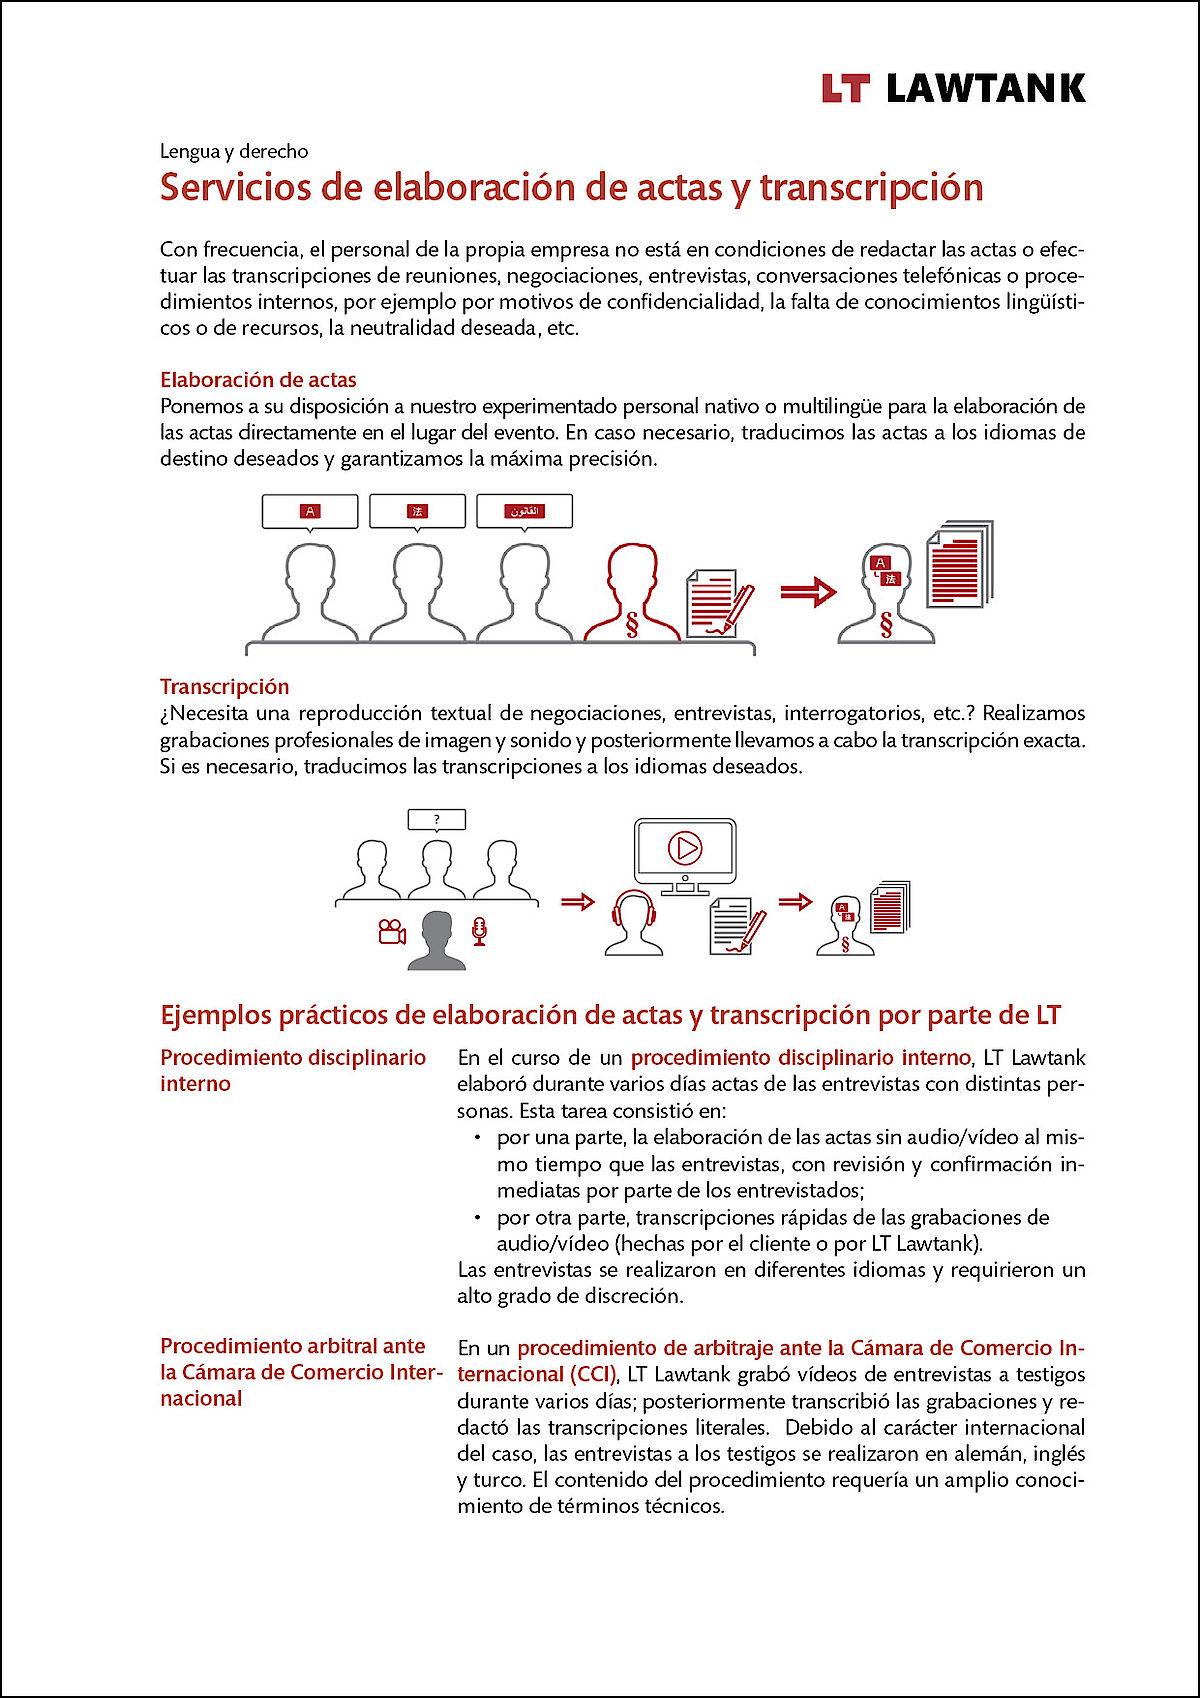 LT Lawtank - Servicios de elaboración de actas y transcripción